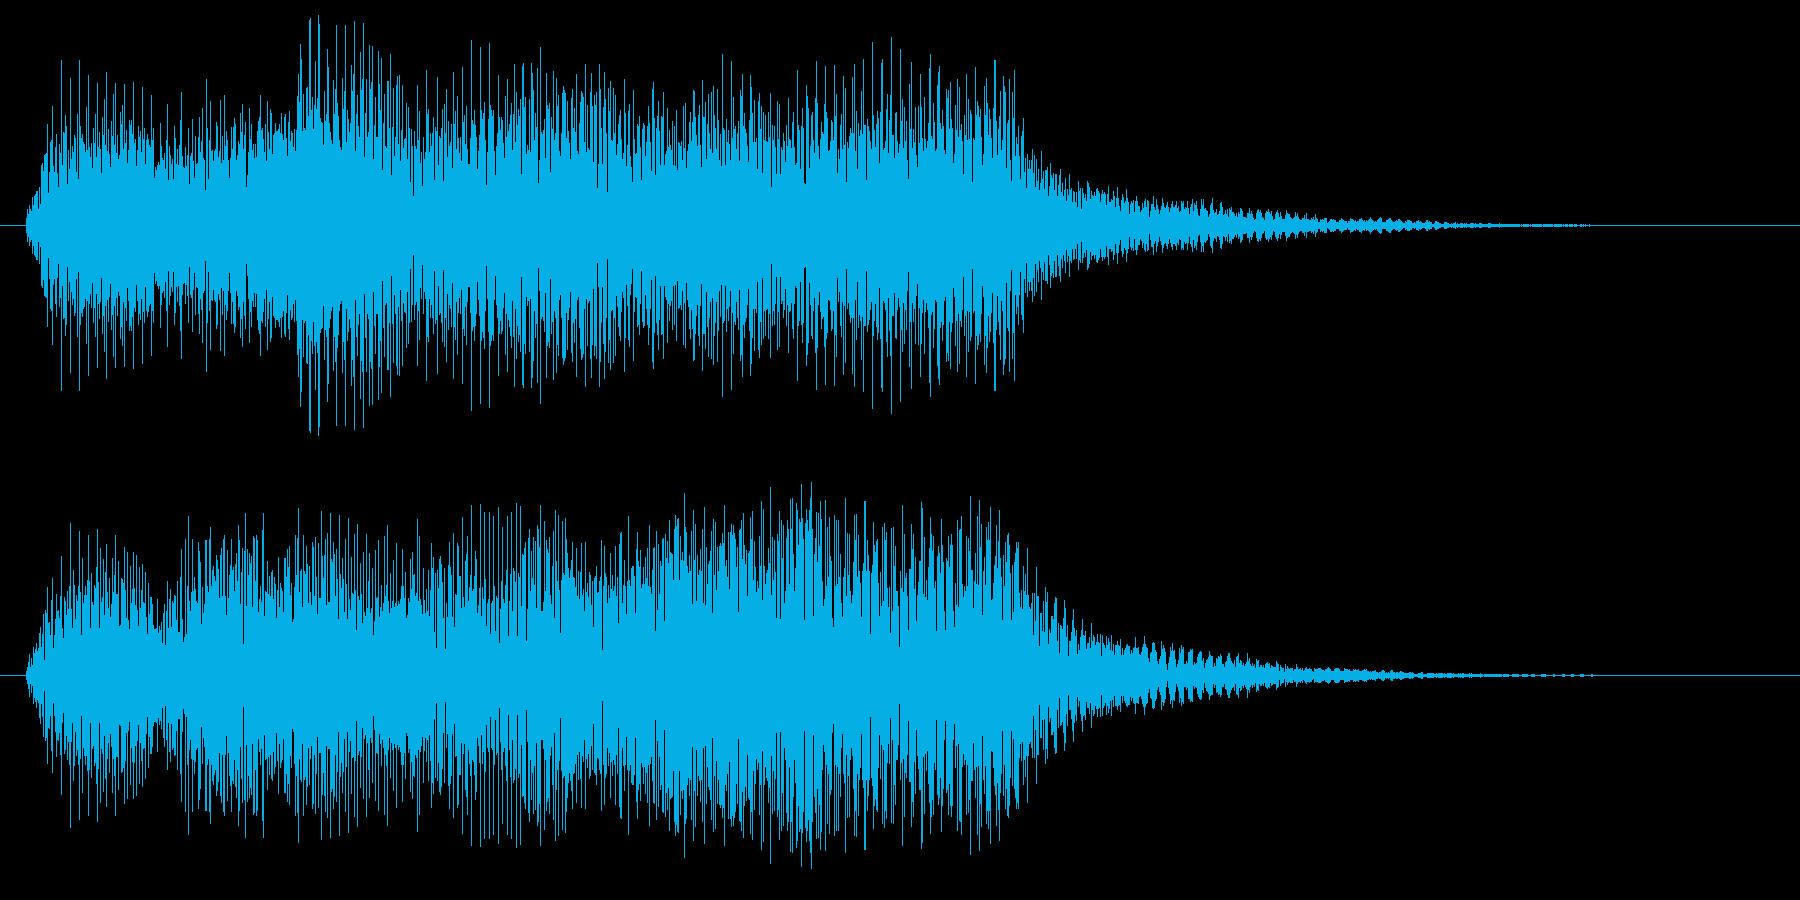 ゲームクリアや正解 ラッパ アクセント音の再生済みの波形